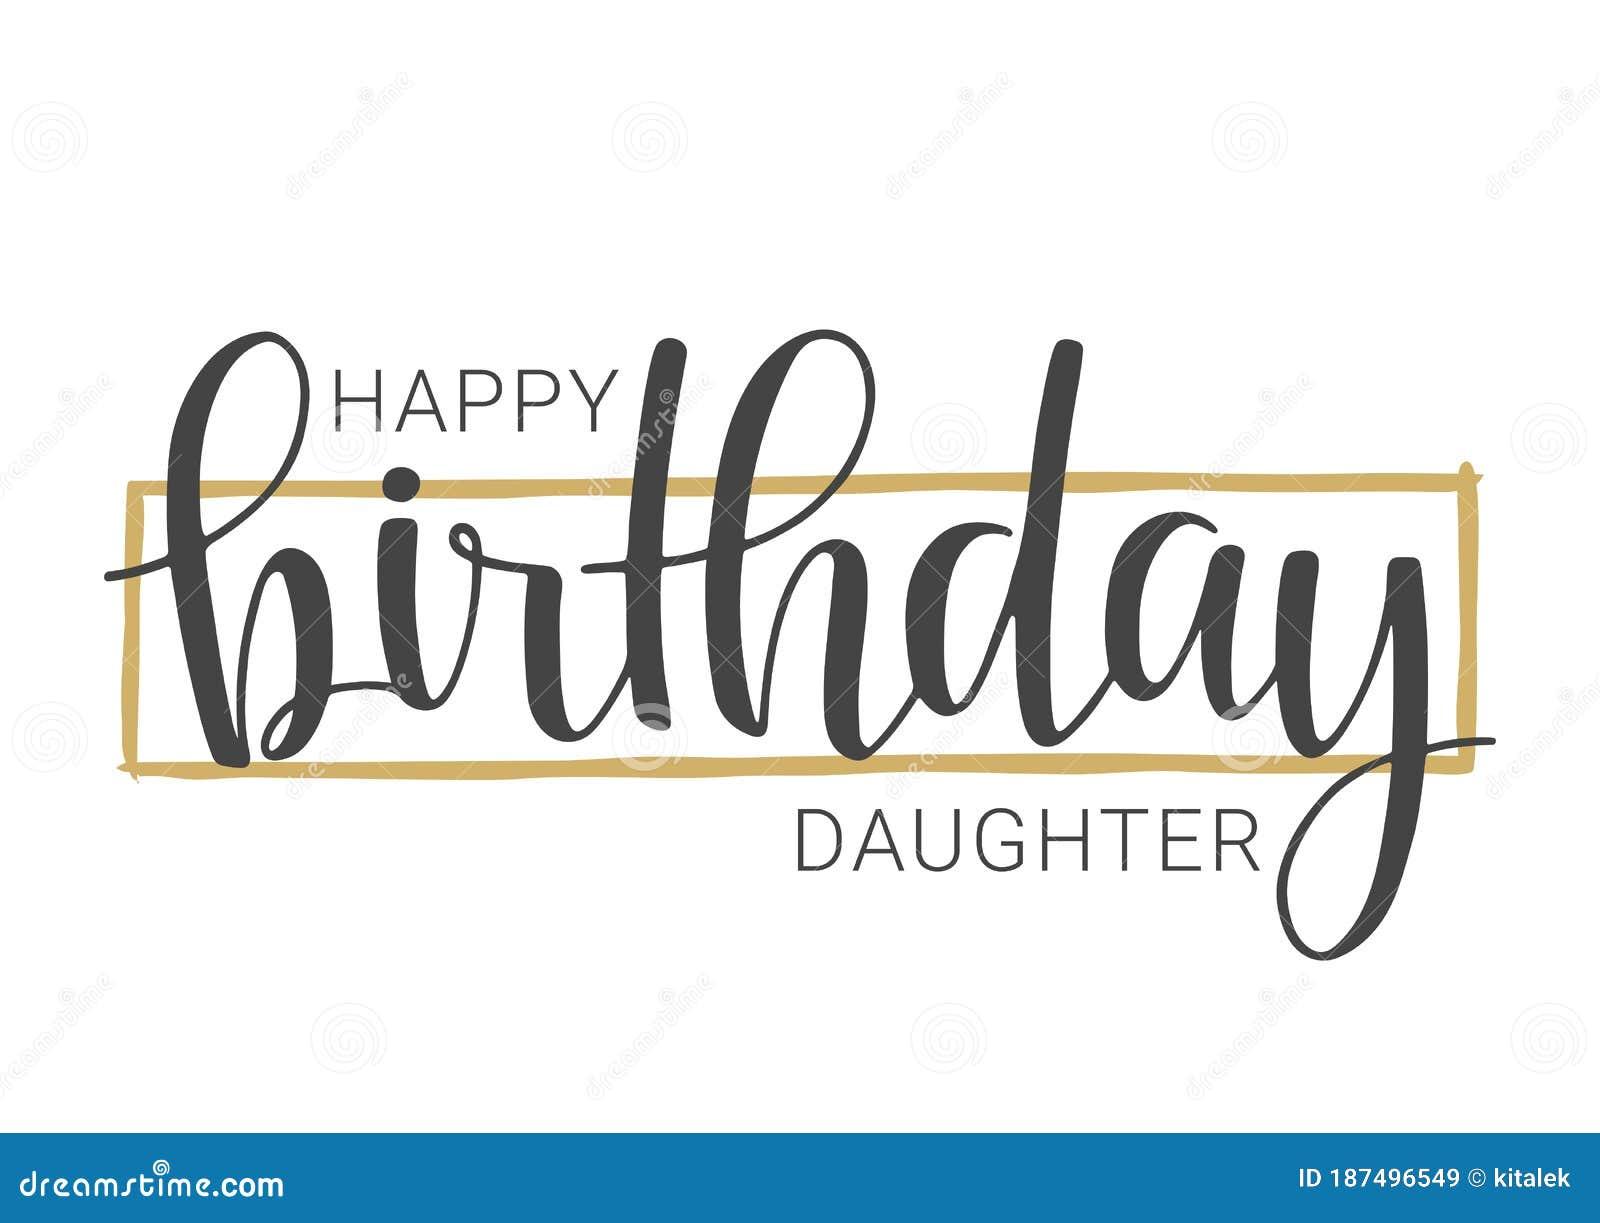 Handwritten Lettering Of Happy Birthday Daughter Vector Illustration Stock Vector Illustration Of Black Script 187496549